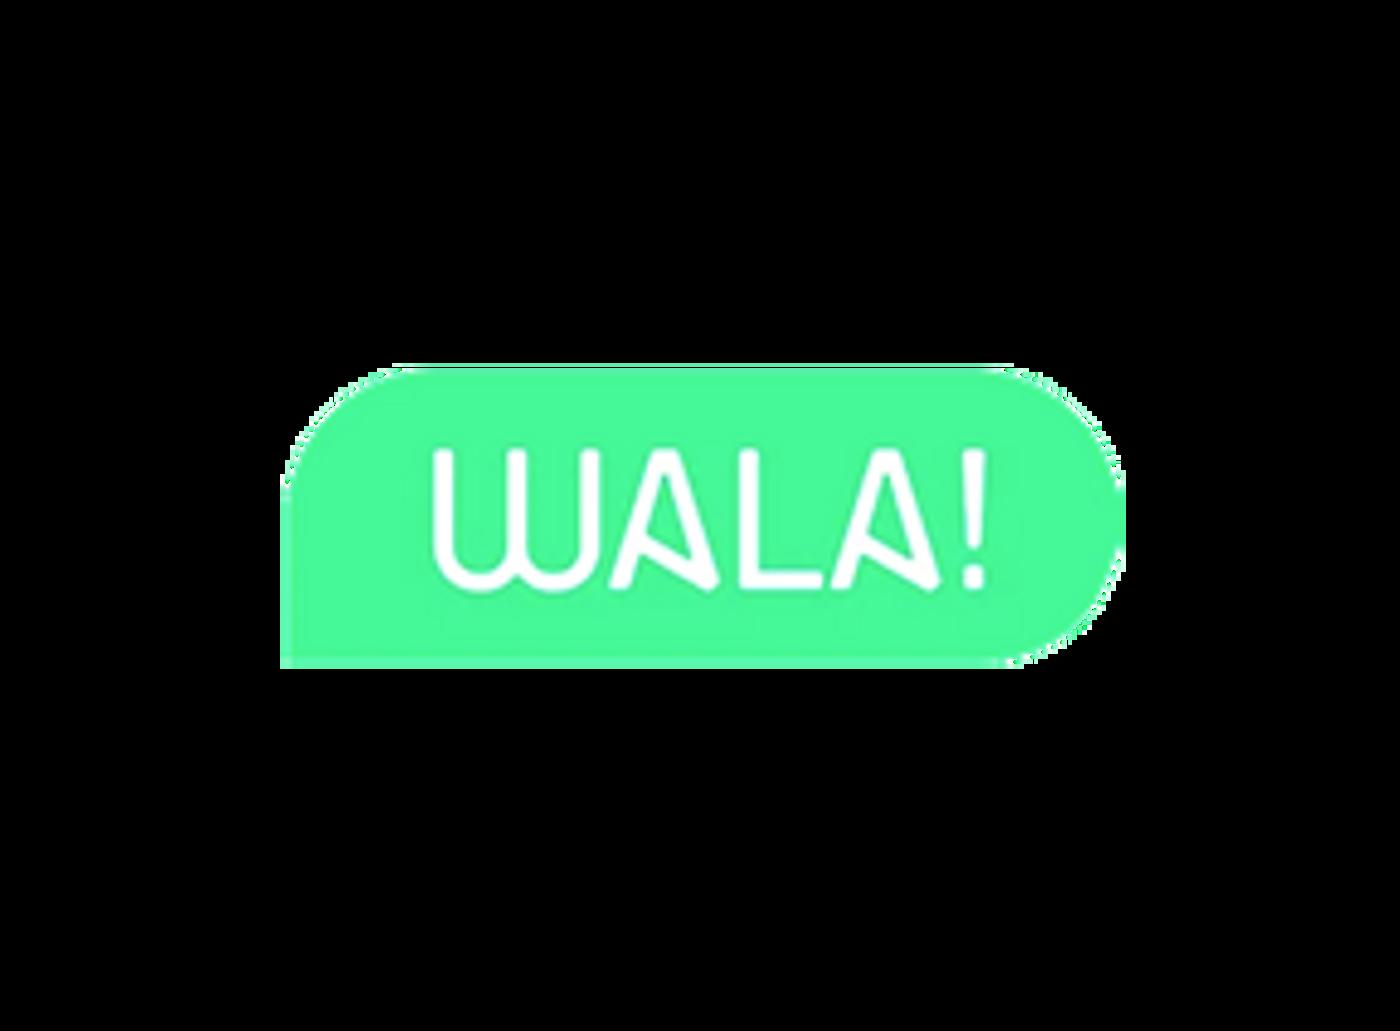 Logo_Ribbon_Mitele_288x212_Wala